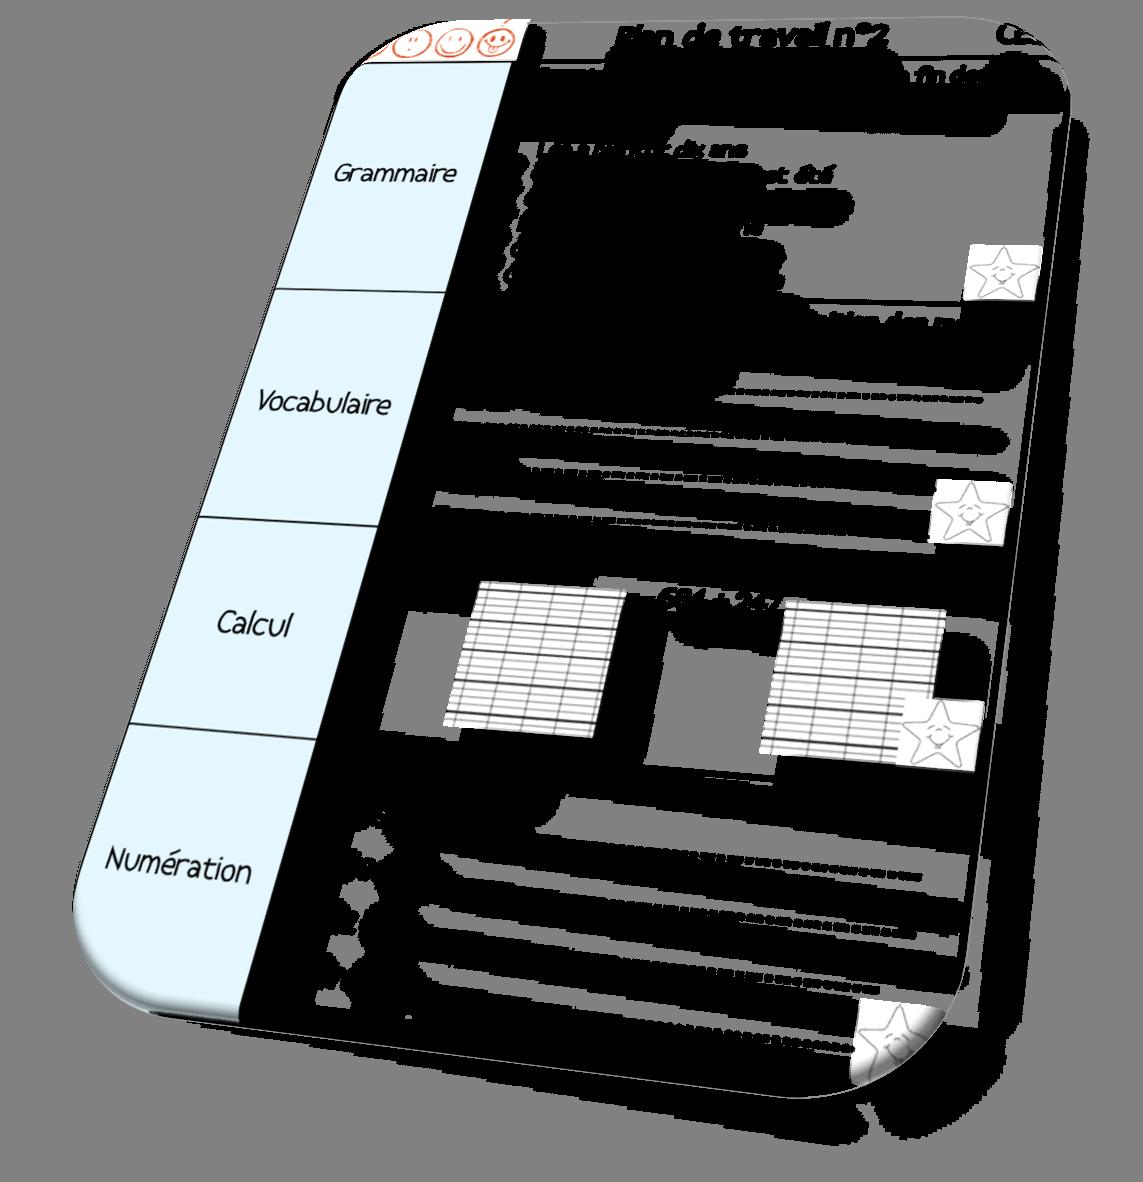 plan de travail autonomie ce2 math. Black Bedroom Furniture Sets. Home Design Ideas